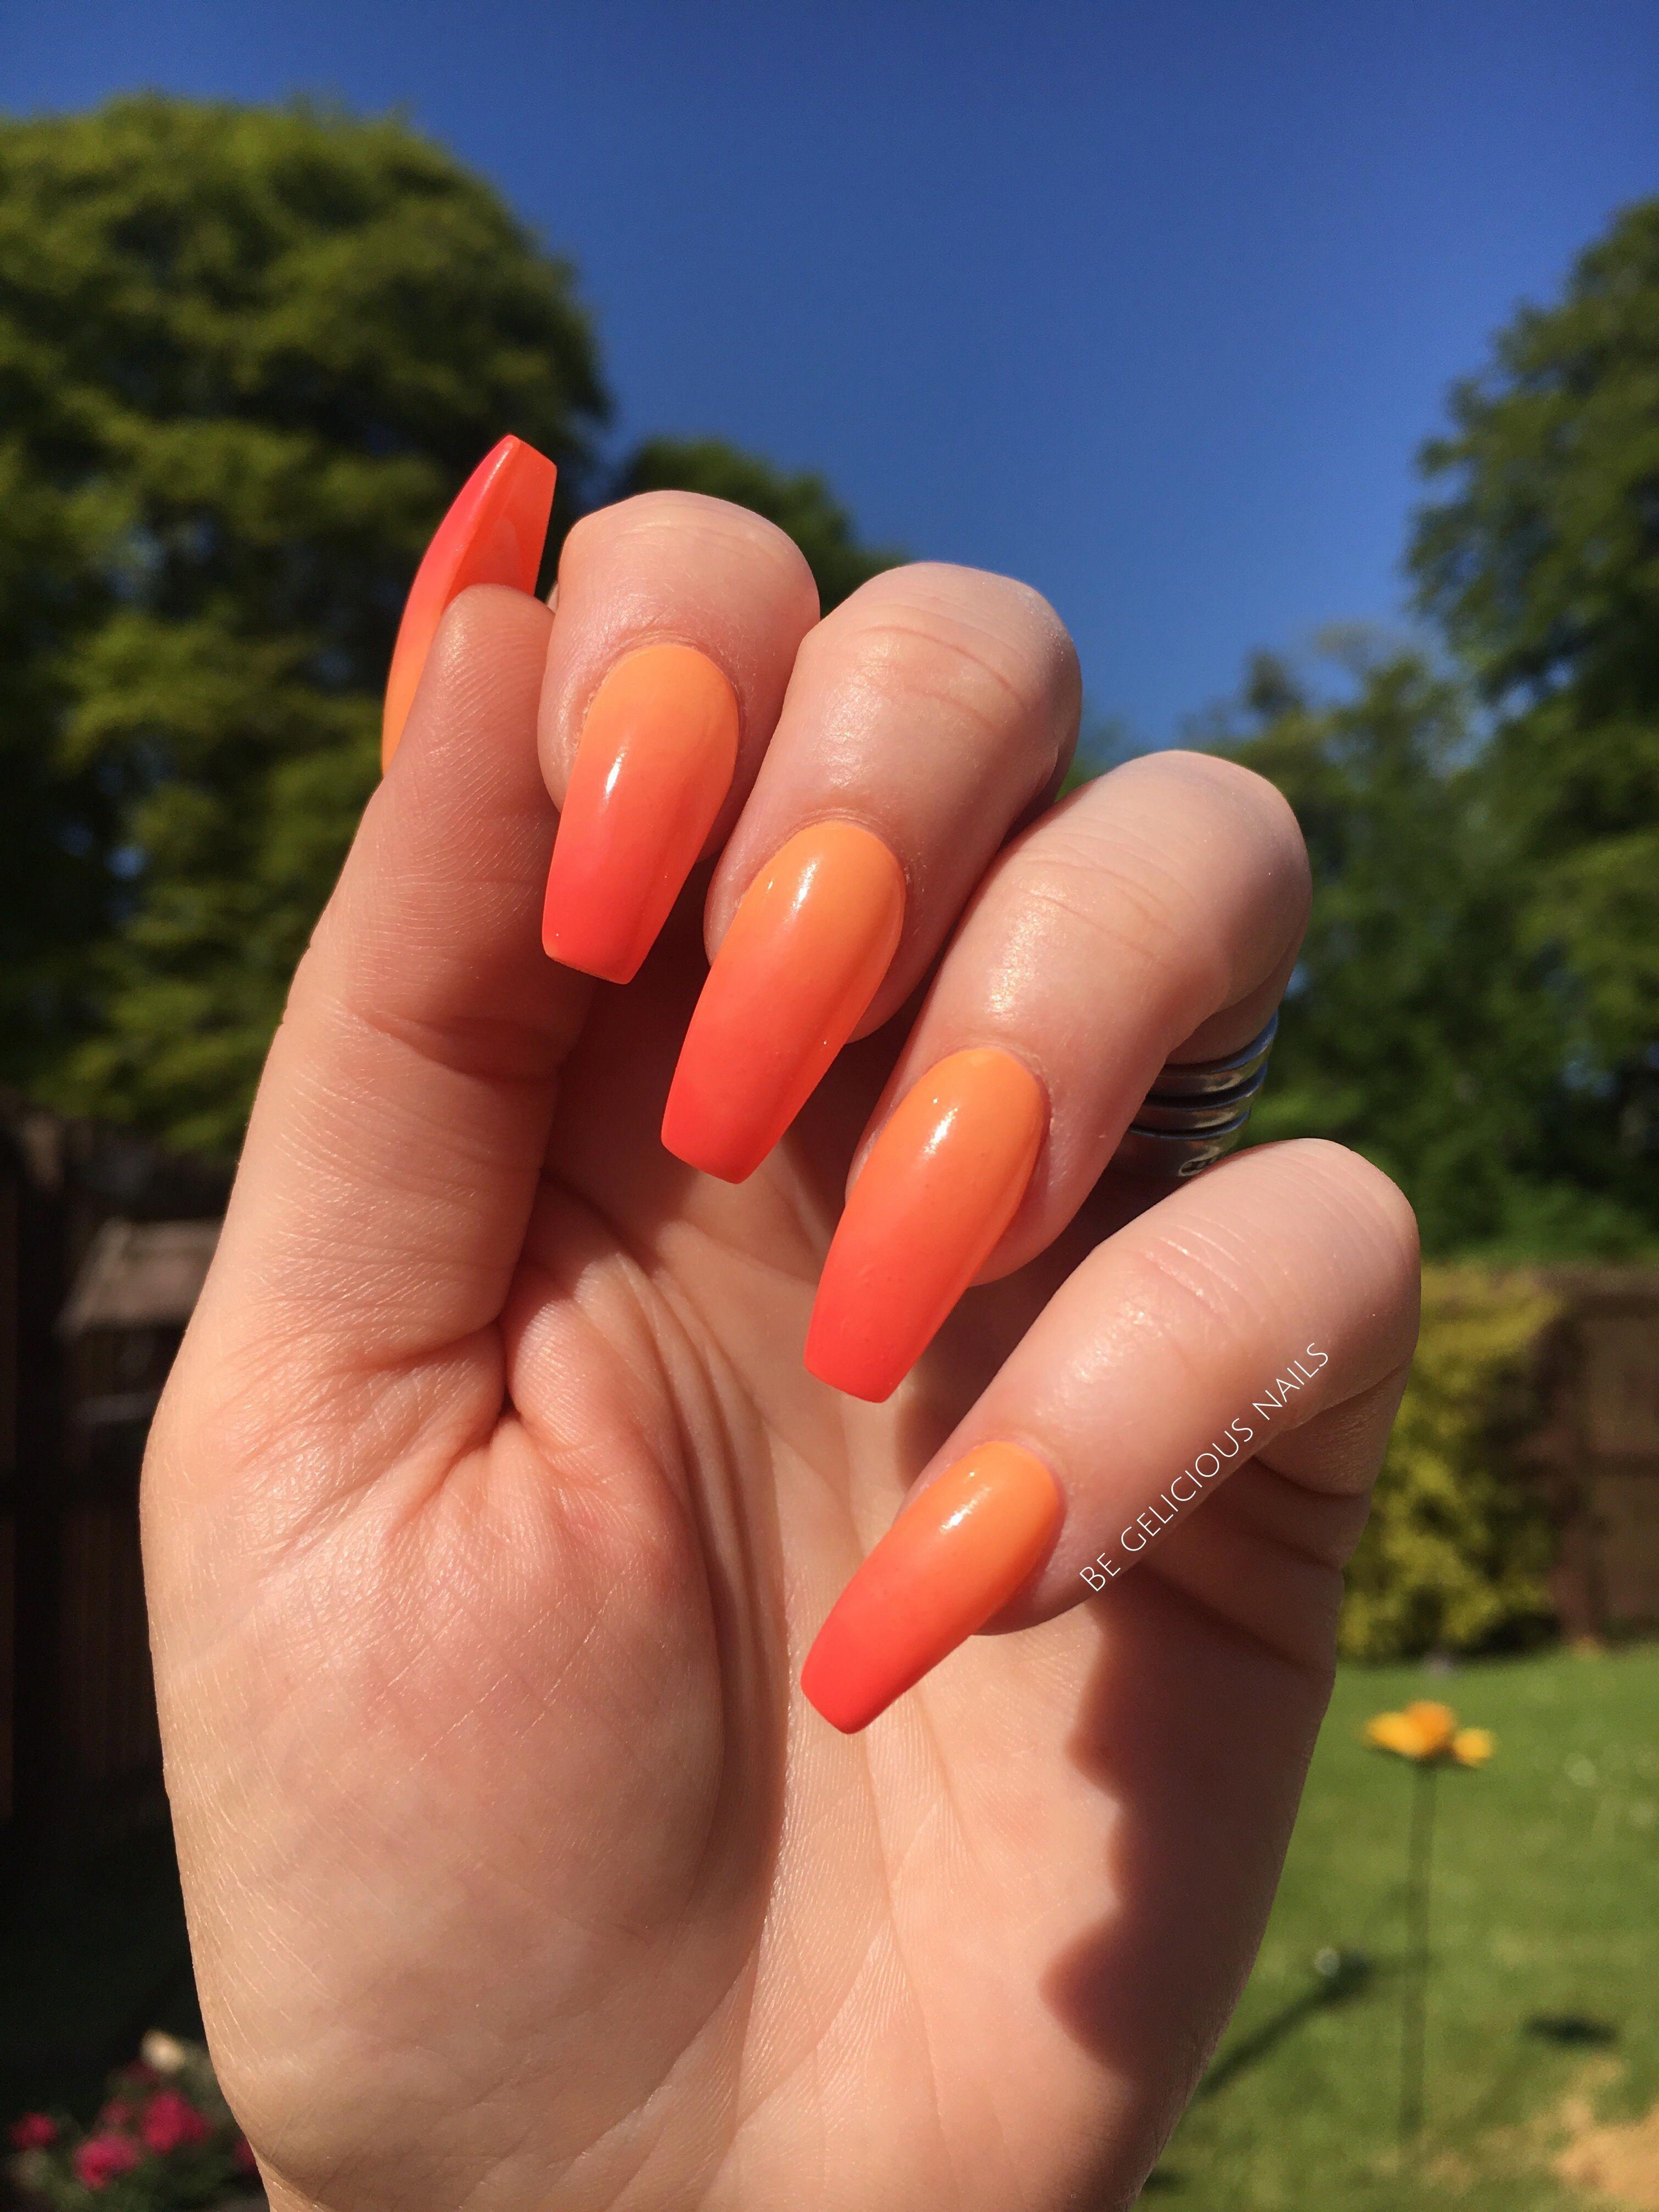 Pin By Malissa Denny On Beauty In 2020 Neon Orange Nails Orange Ombre Nails Red Orange Nails